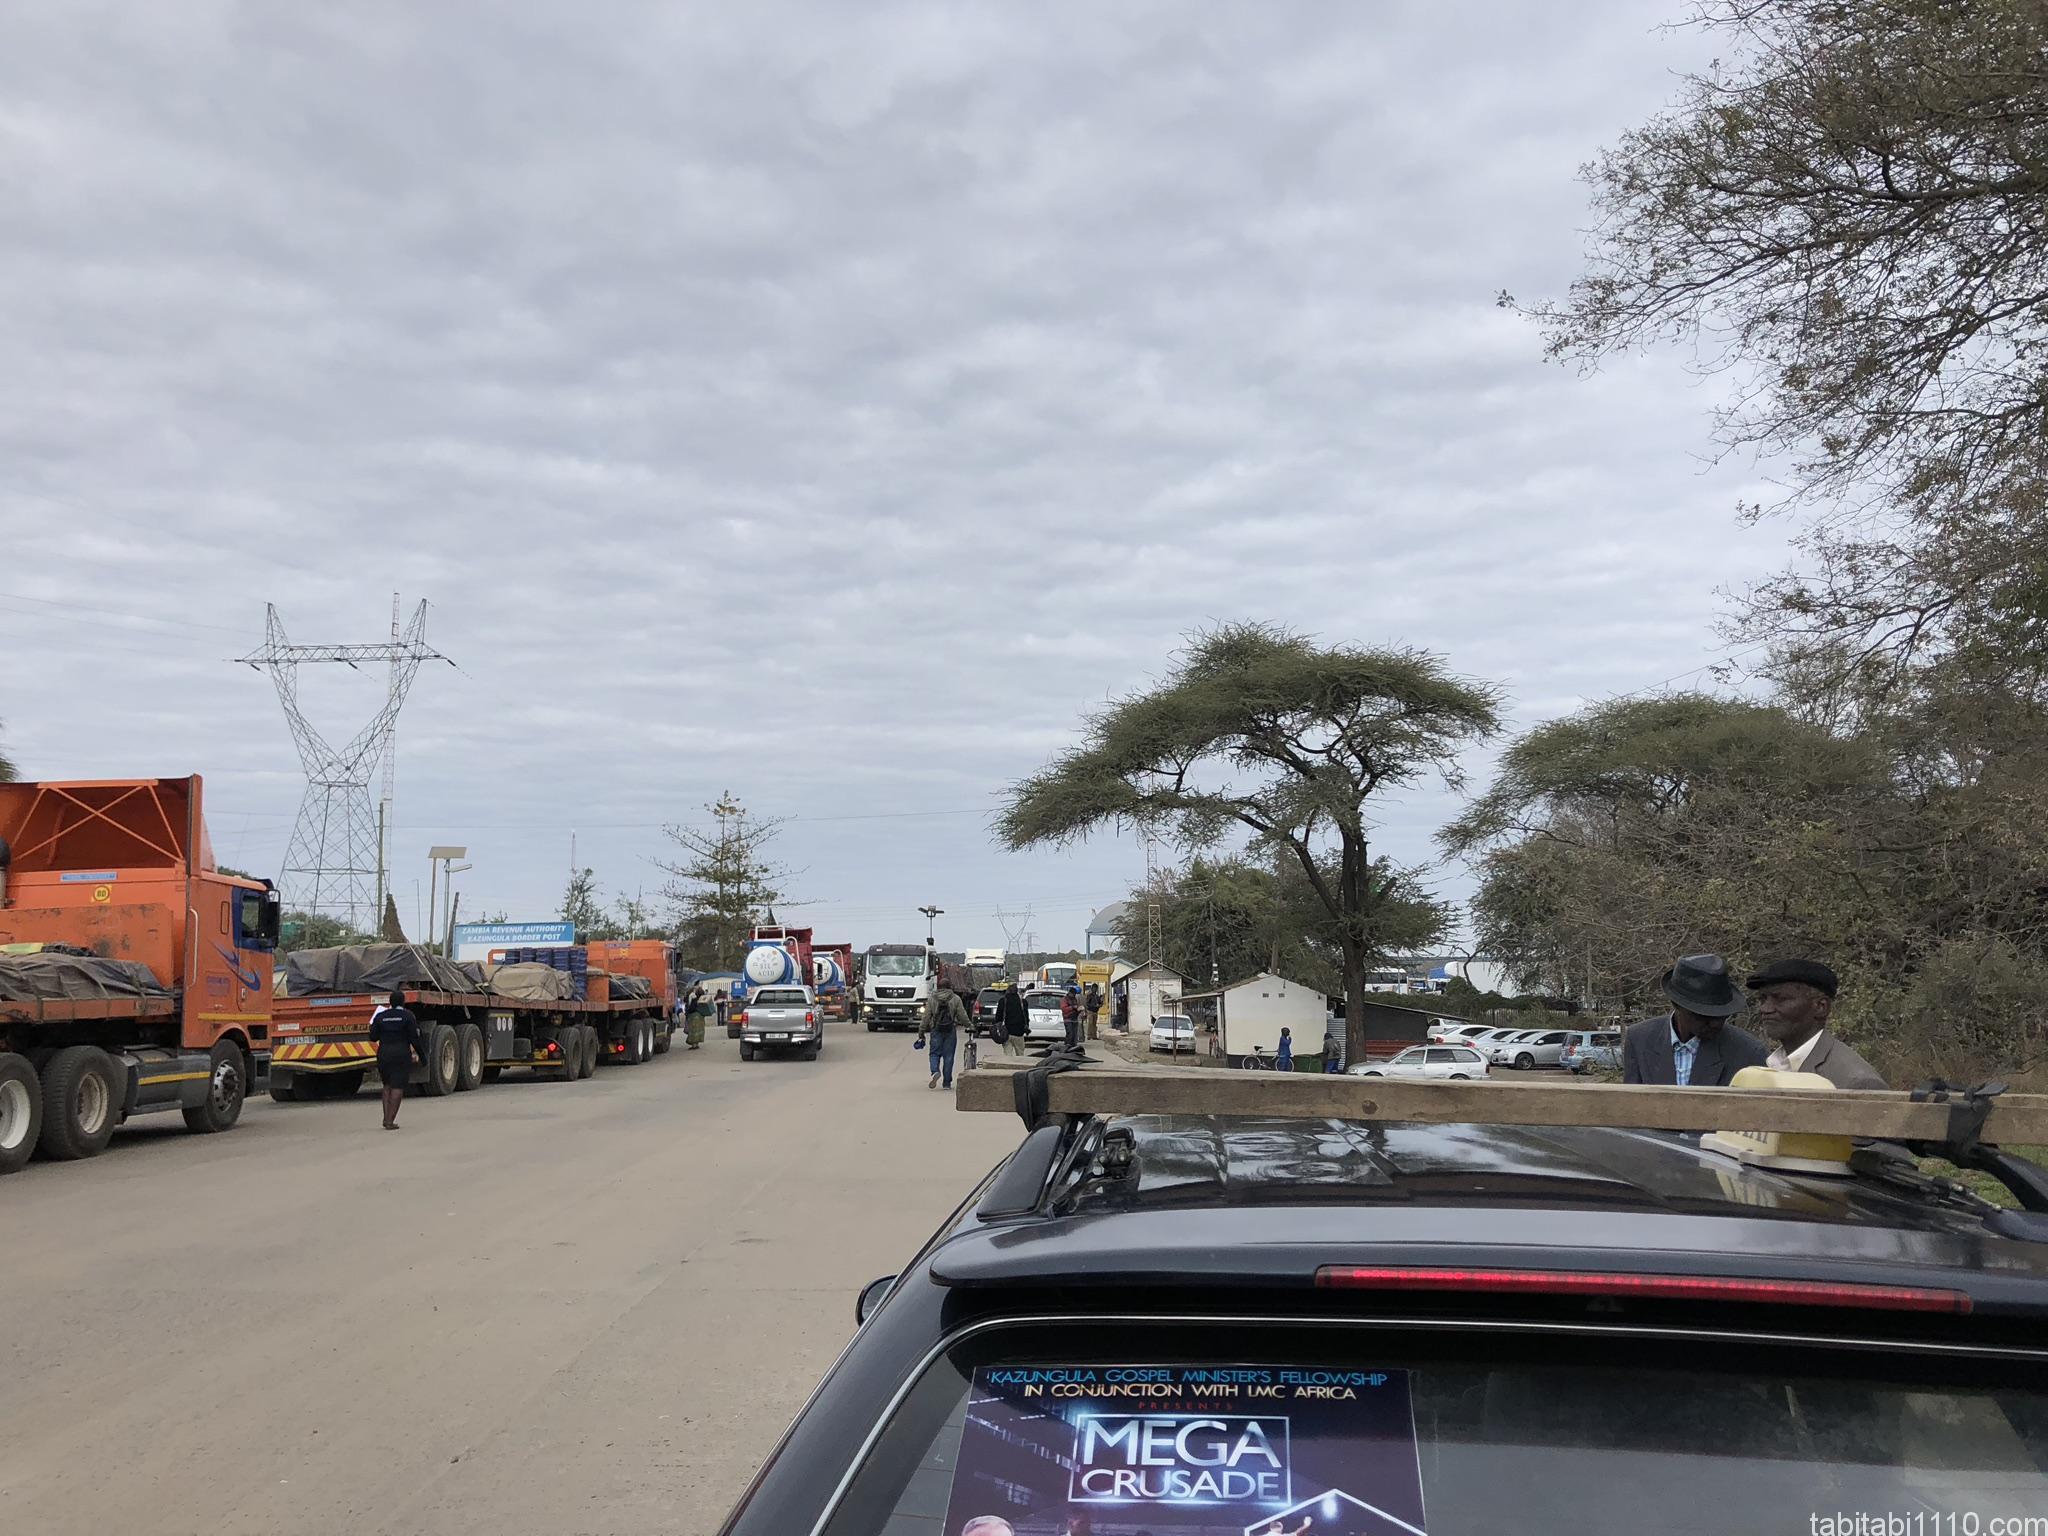 ザンビア側国境のカズングラ